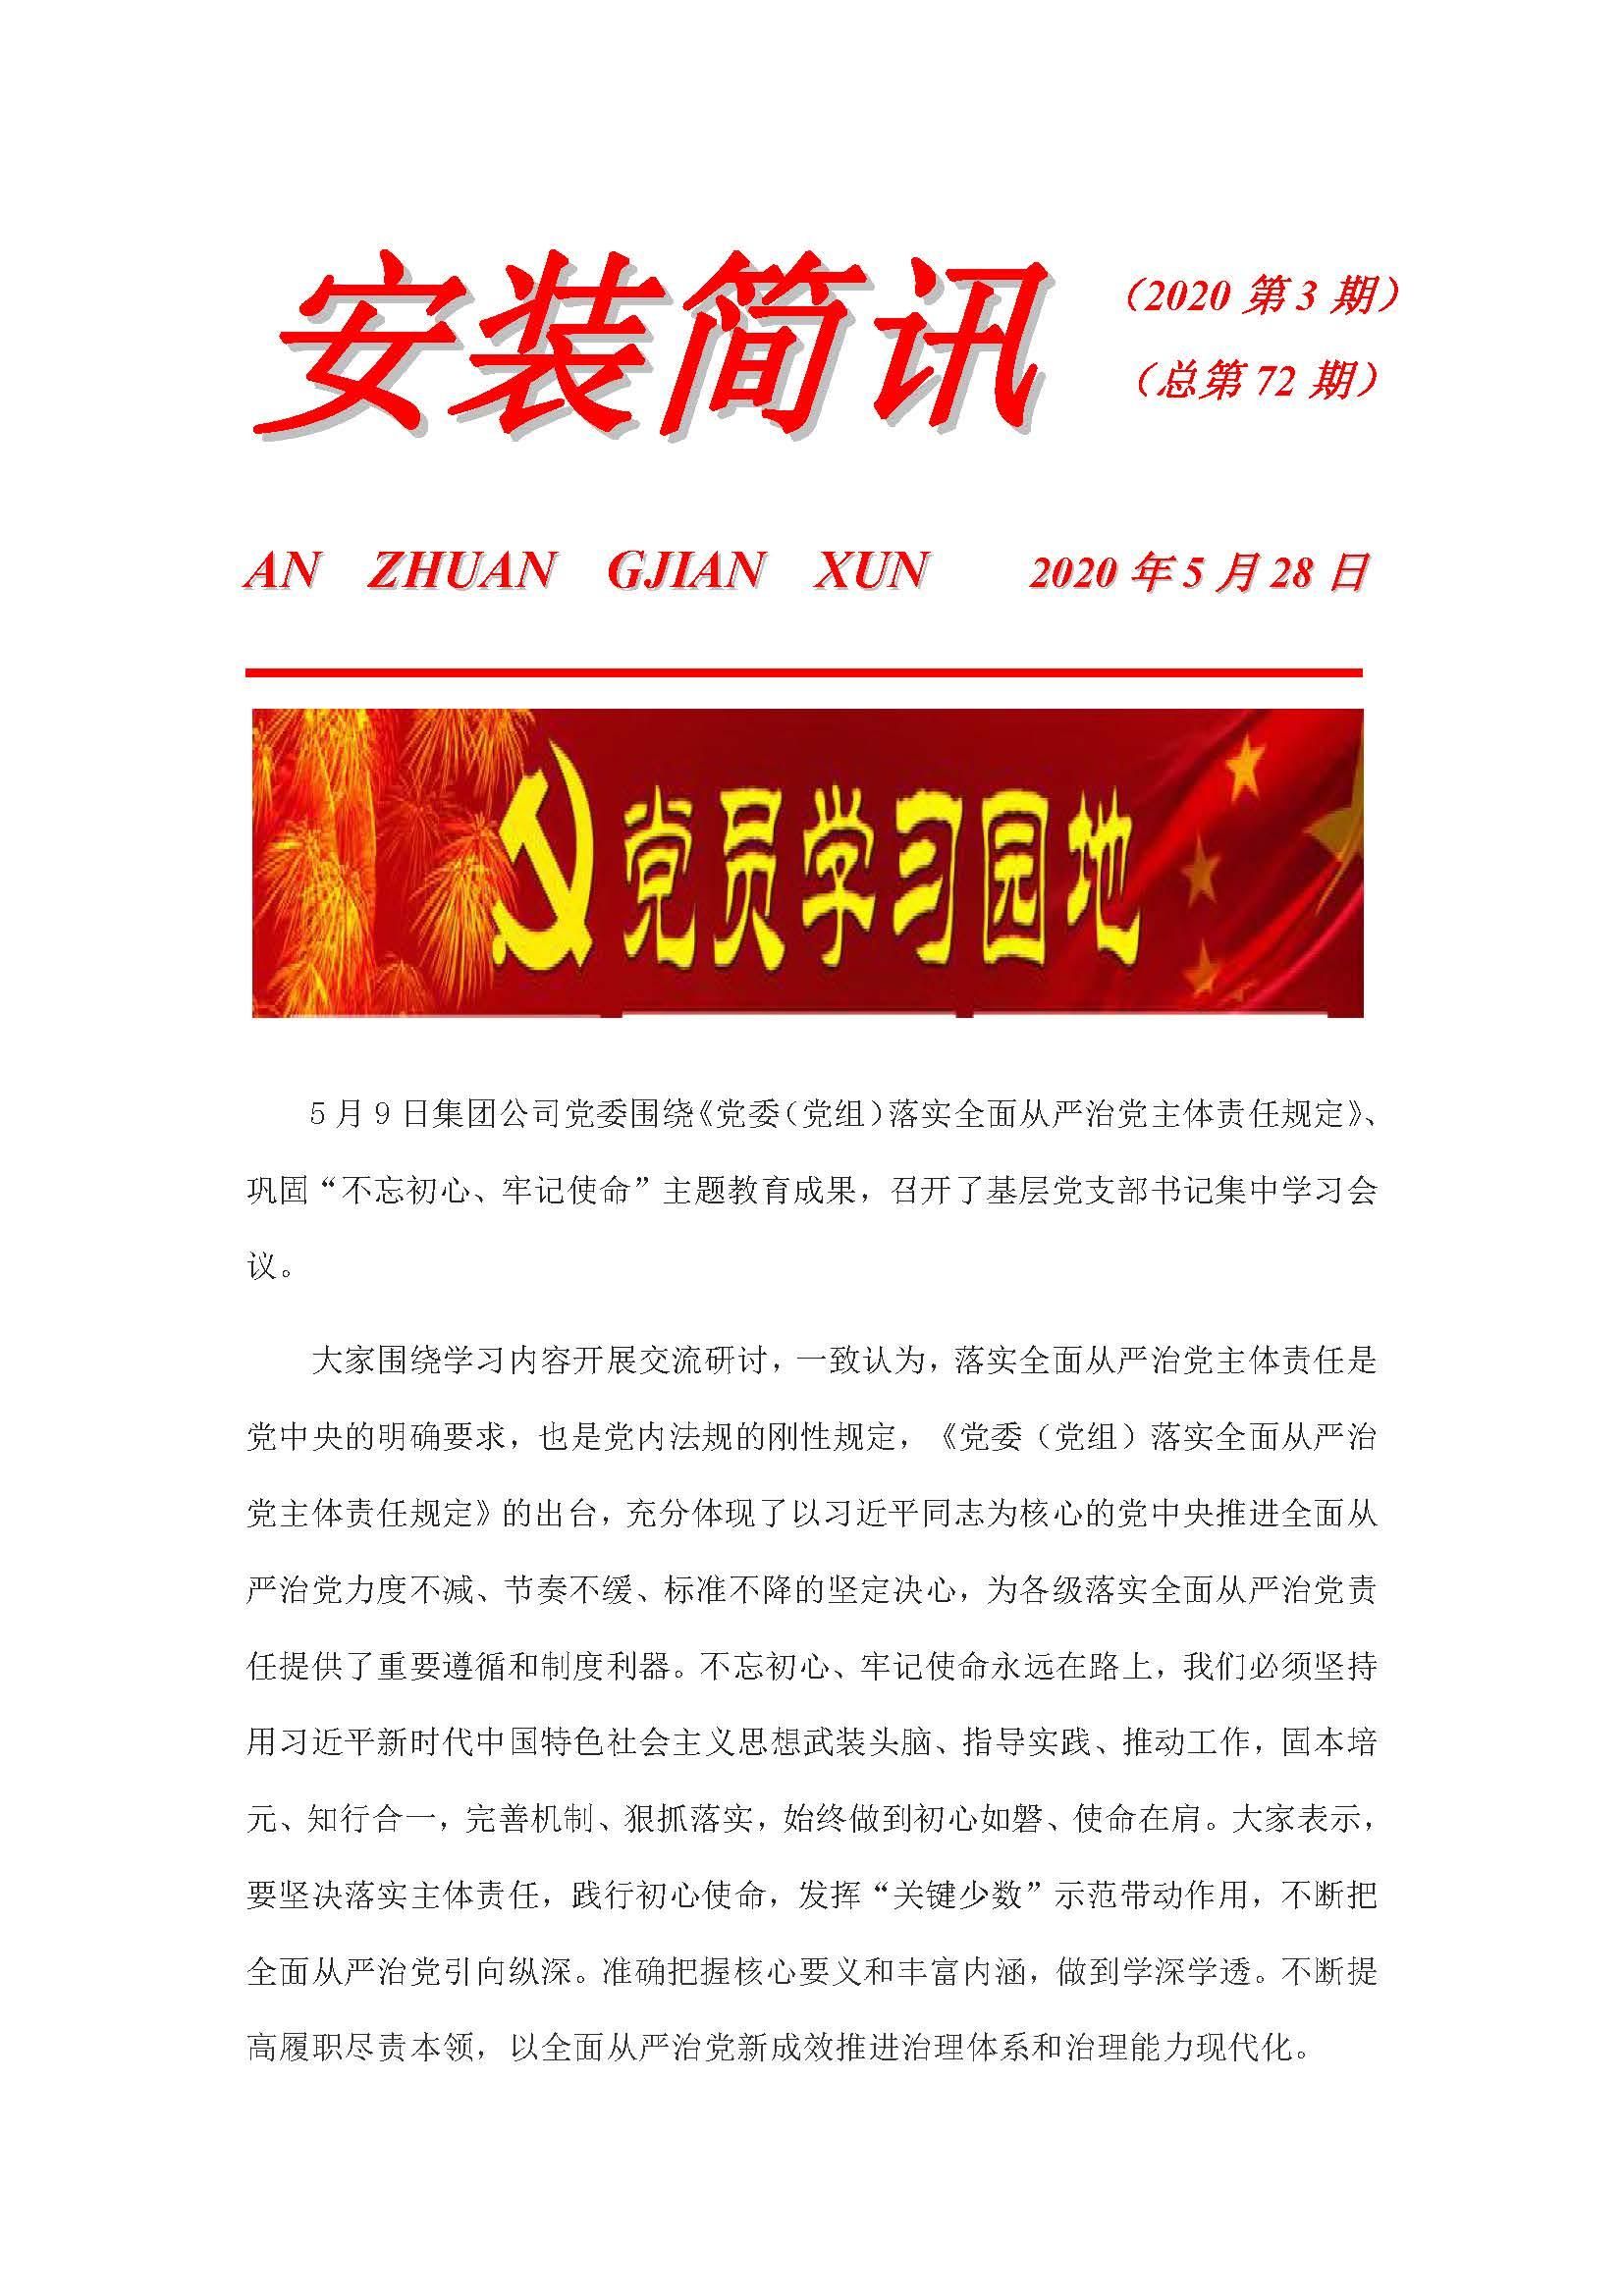 2020年安装上海快三走势图表第3期(图1)